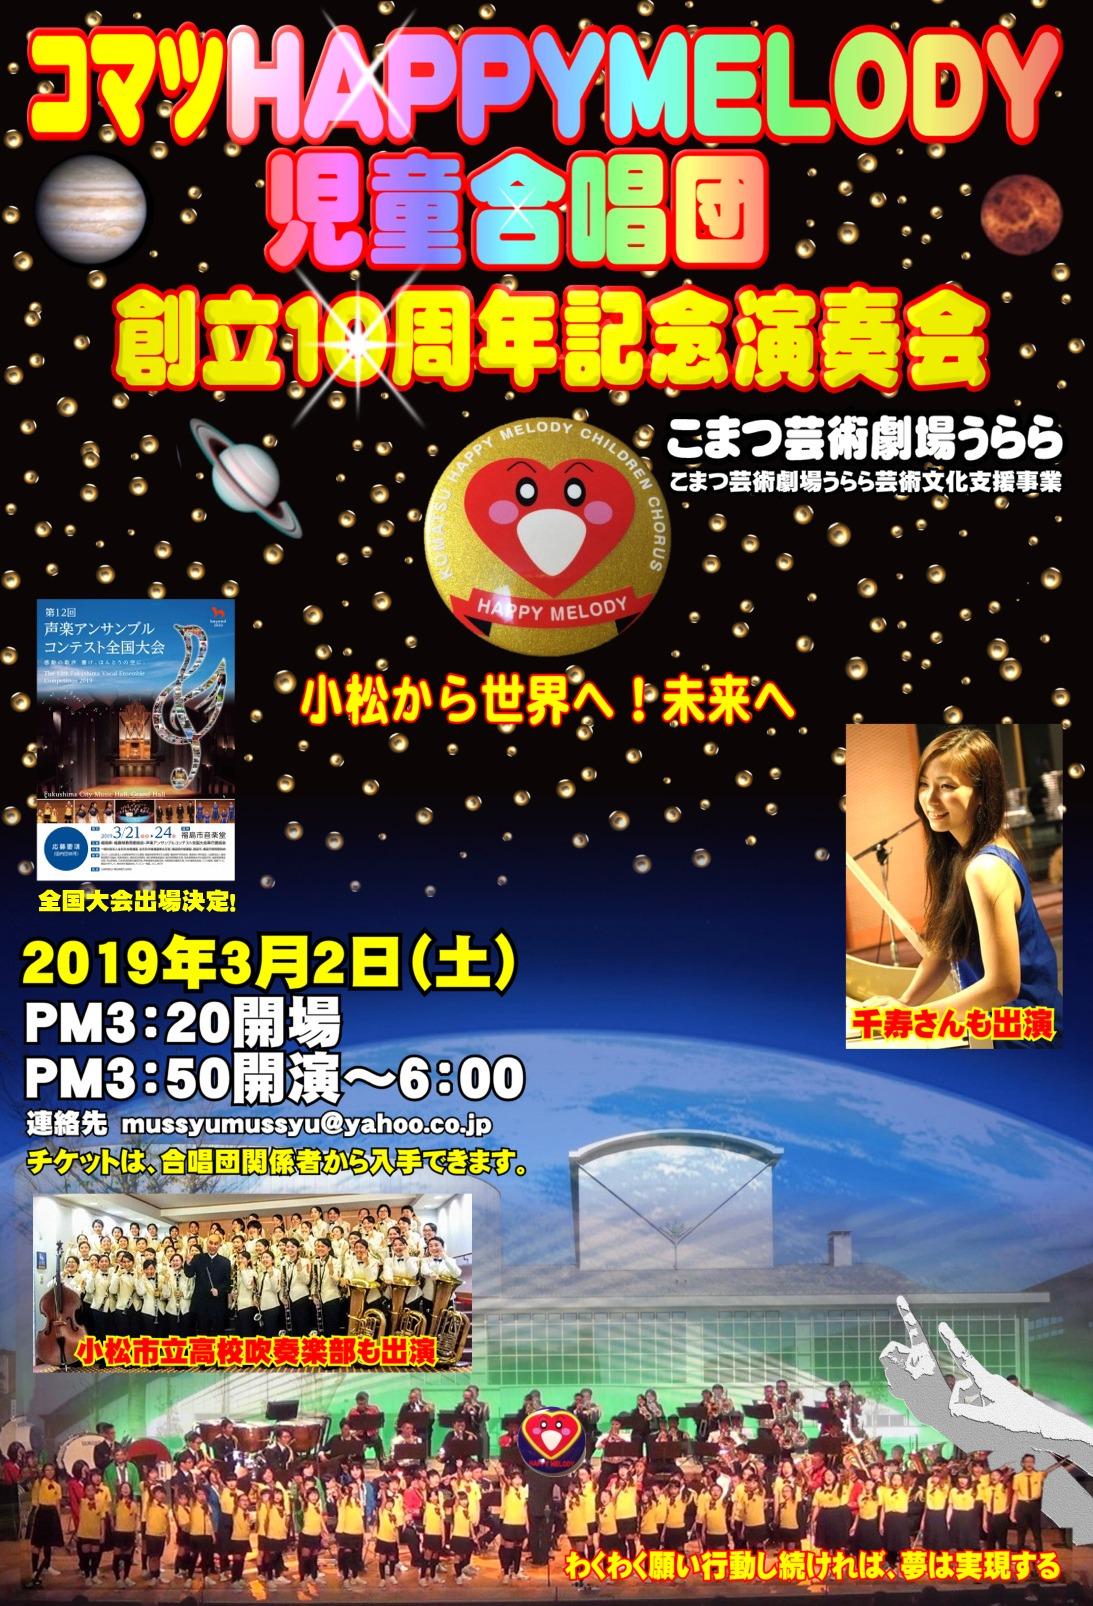 コマツHAPPYMELODY児童合唱団 創立10周年記念演奏会